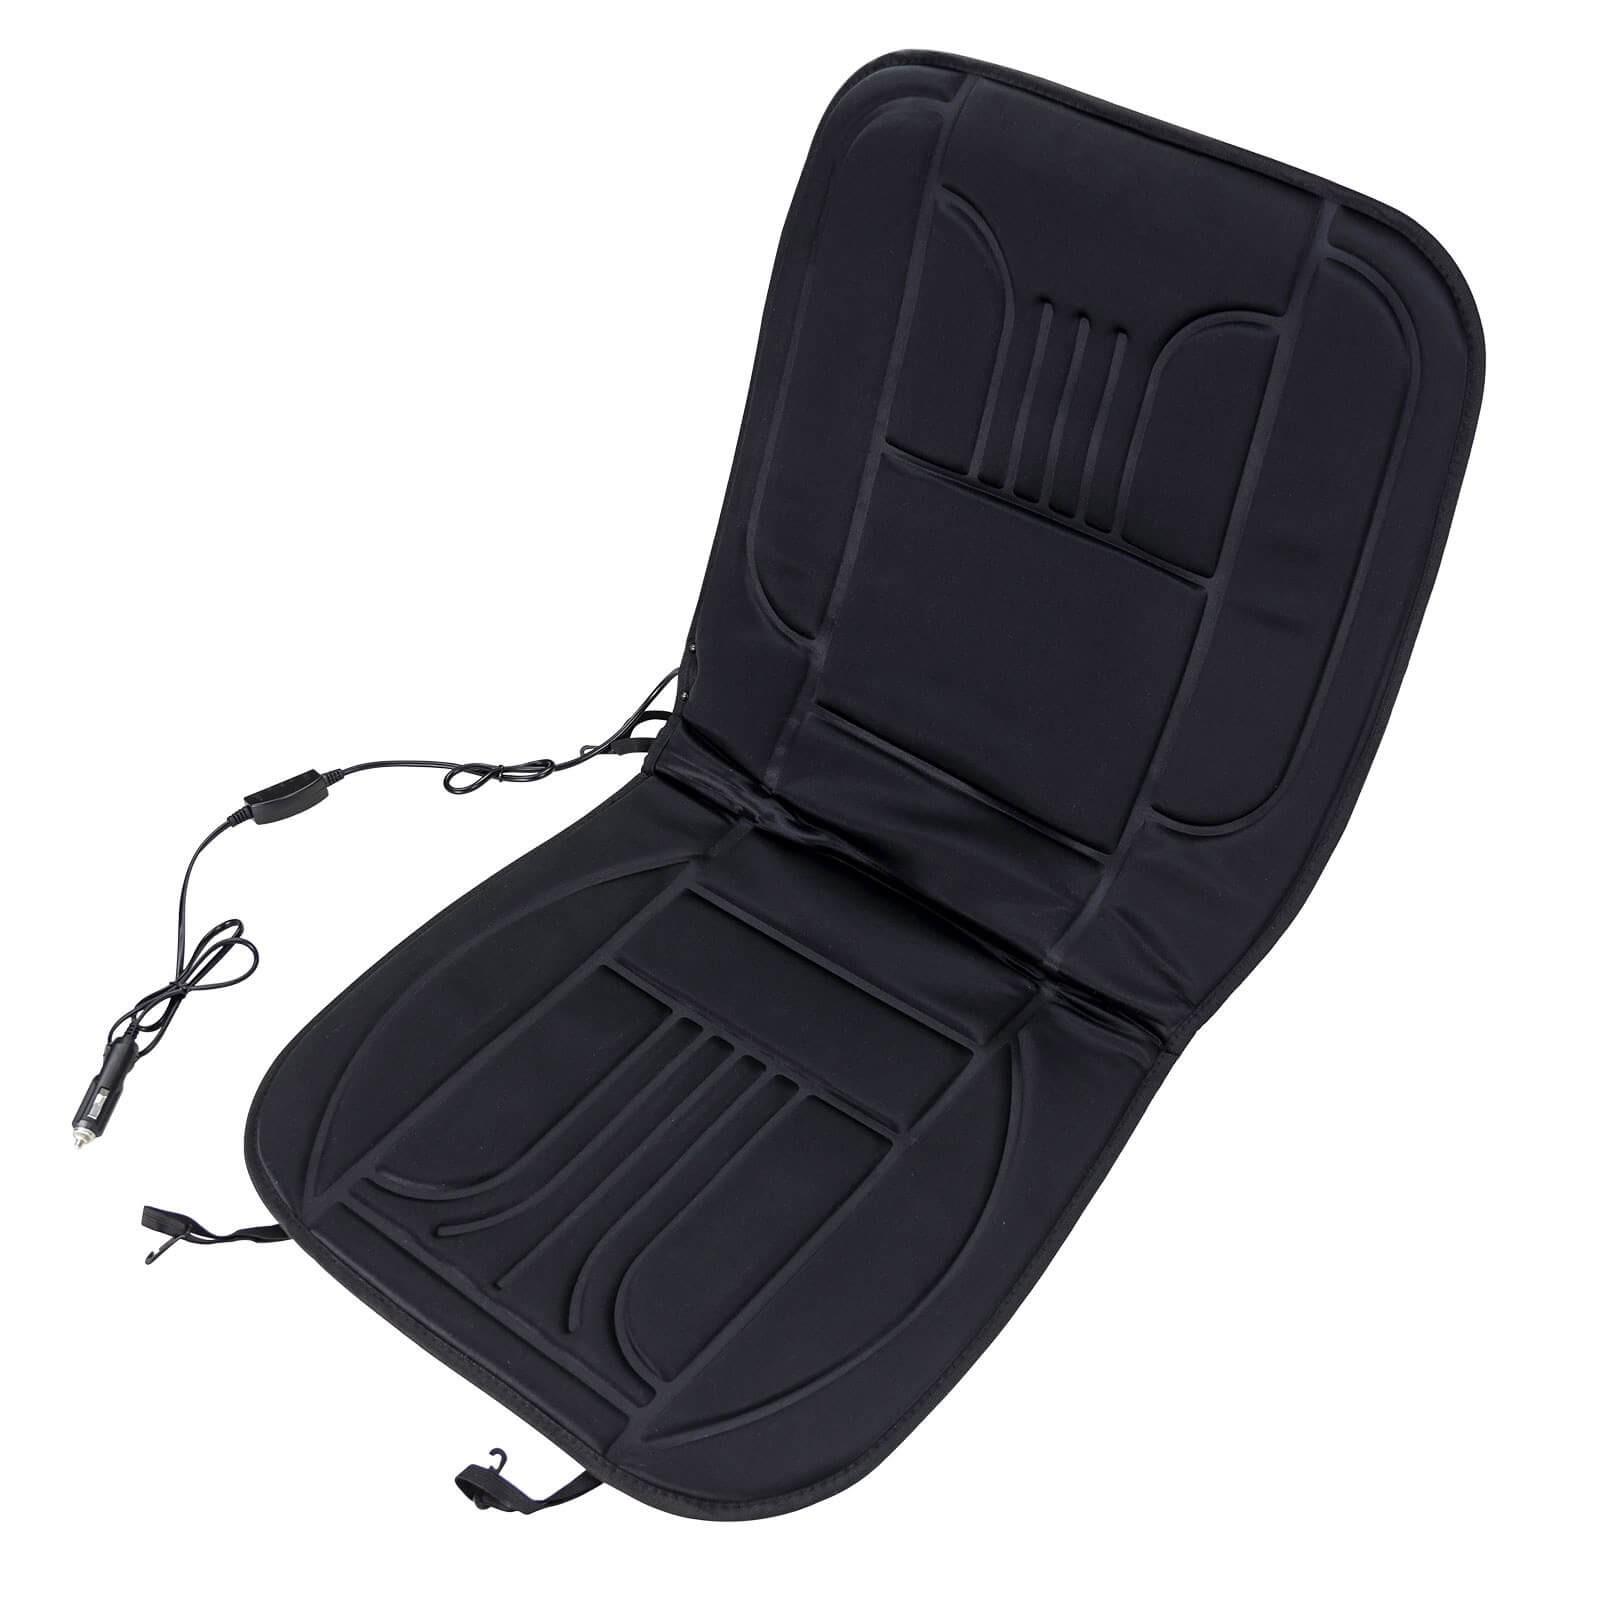 Dema Sitzauflage beheizbar Sitzheizung 12V Auto Hochlehner PKW Heizkissen Sitzkissen 21120